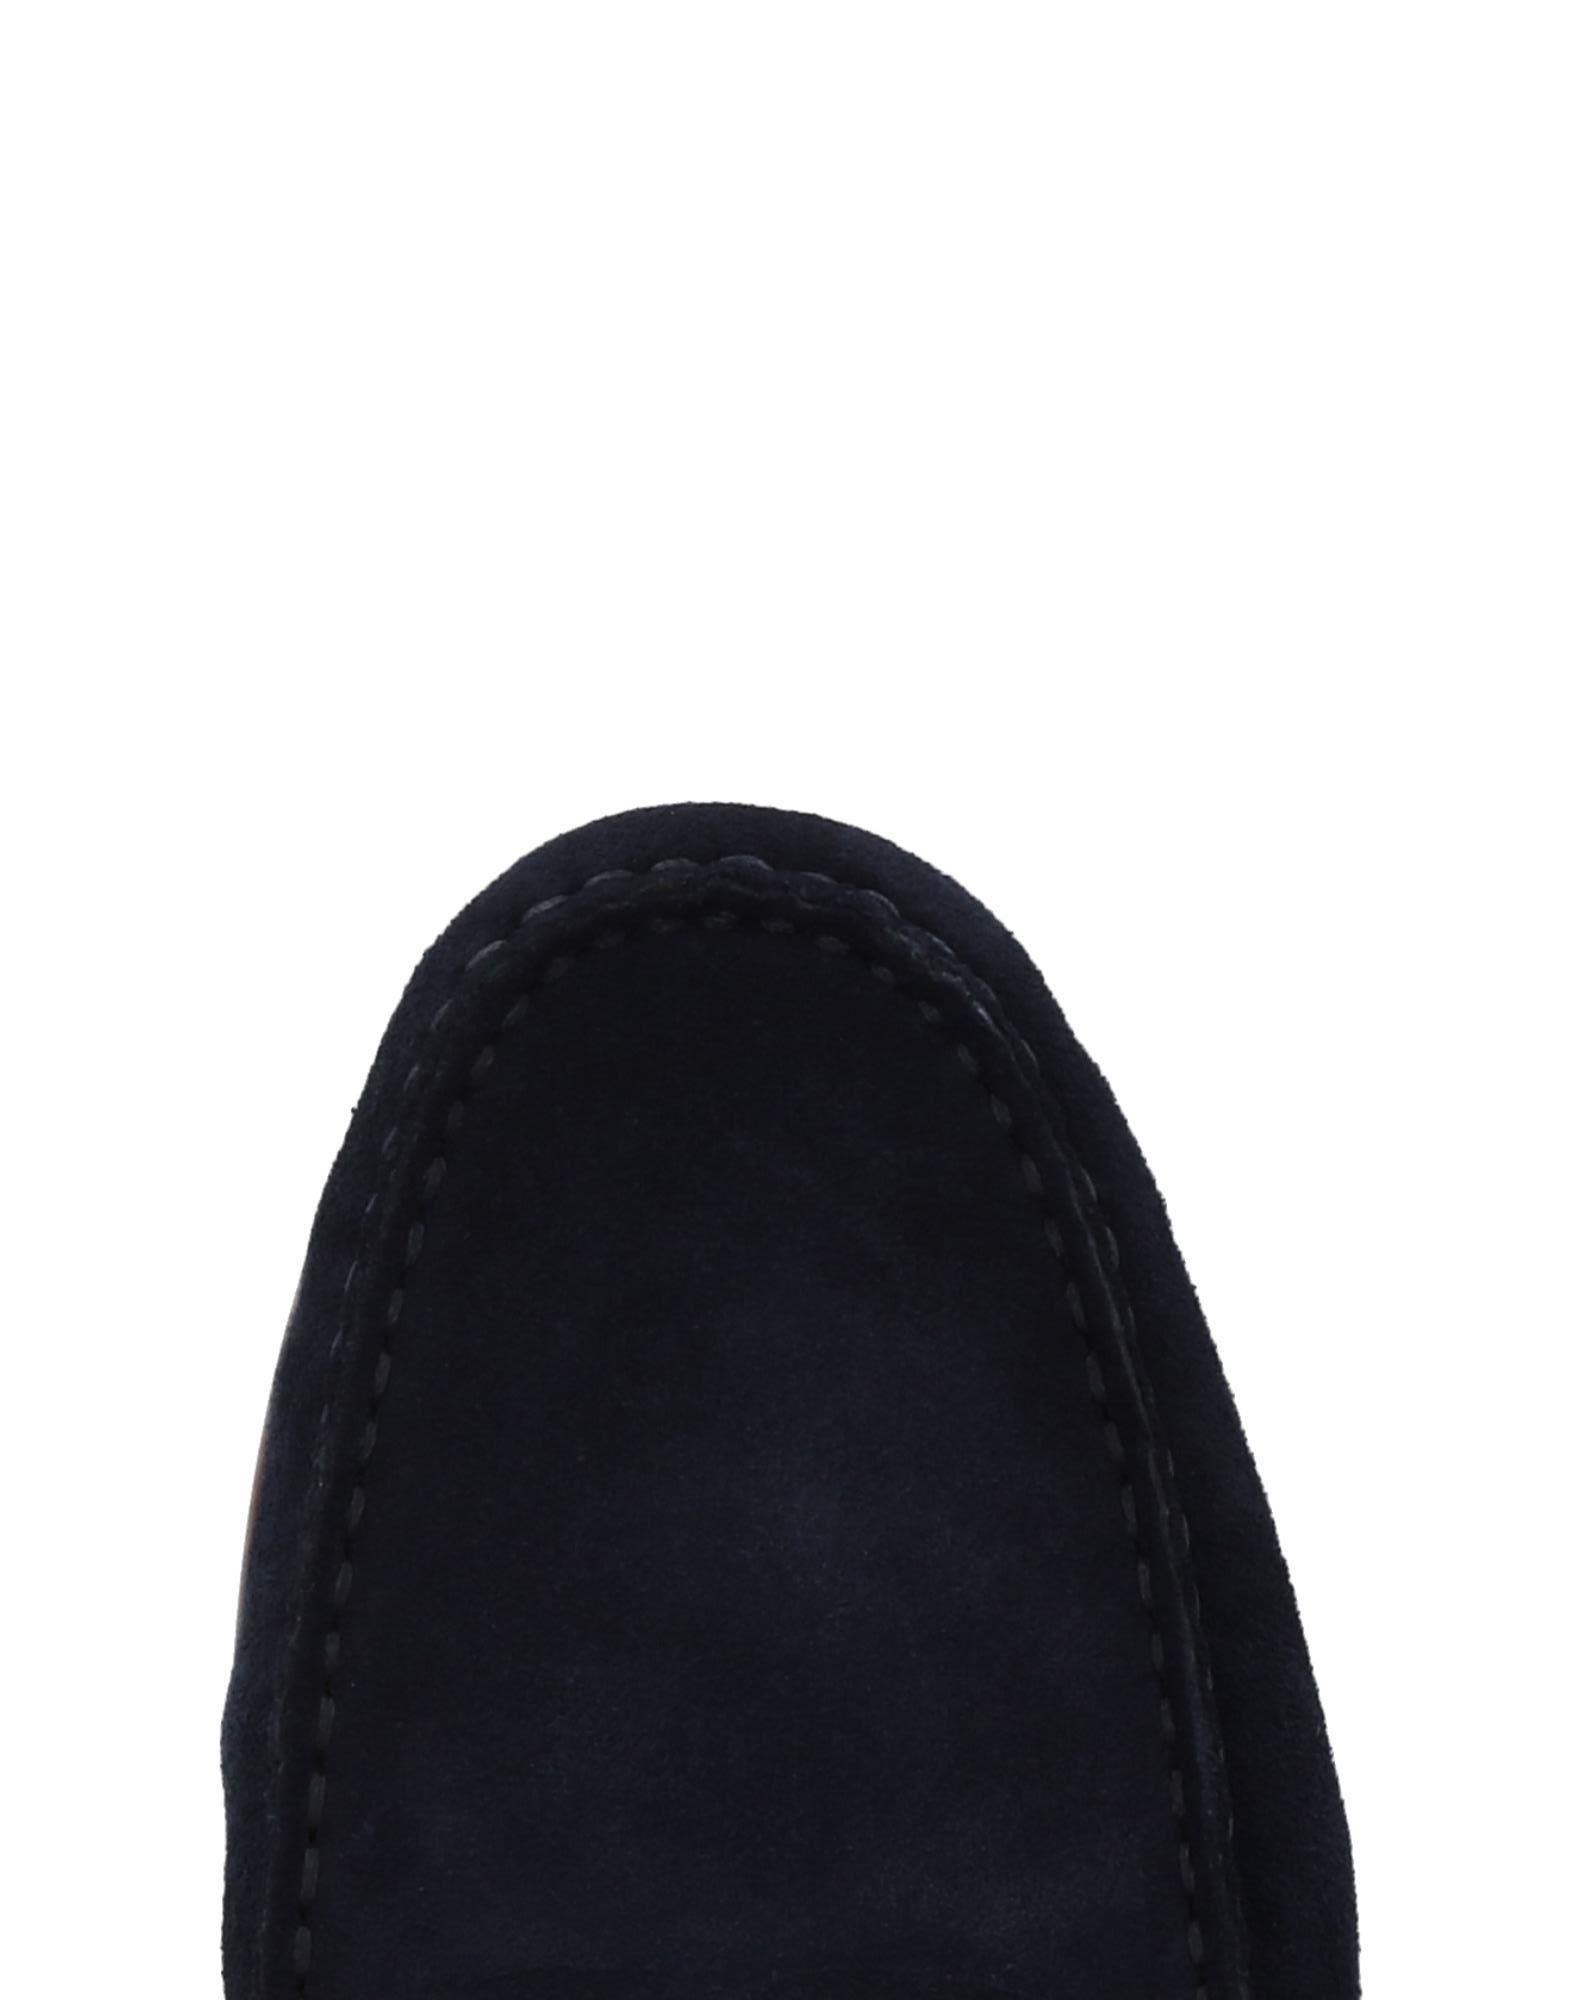 Vagabond Preis-Leistungs-Verhältnis, Shoemakers Mokassins Herren Gutes Preis-Leistungs-Verhältnis, Vagabond es lohnt sich,Billig-4128 1d4a80